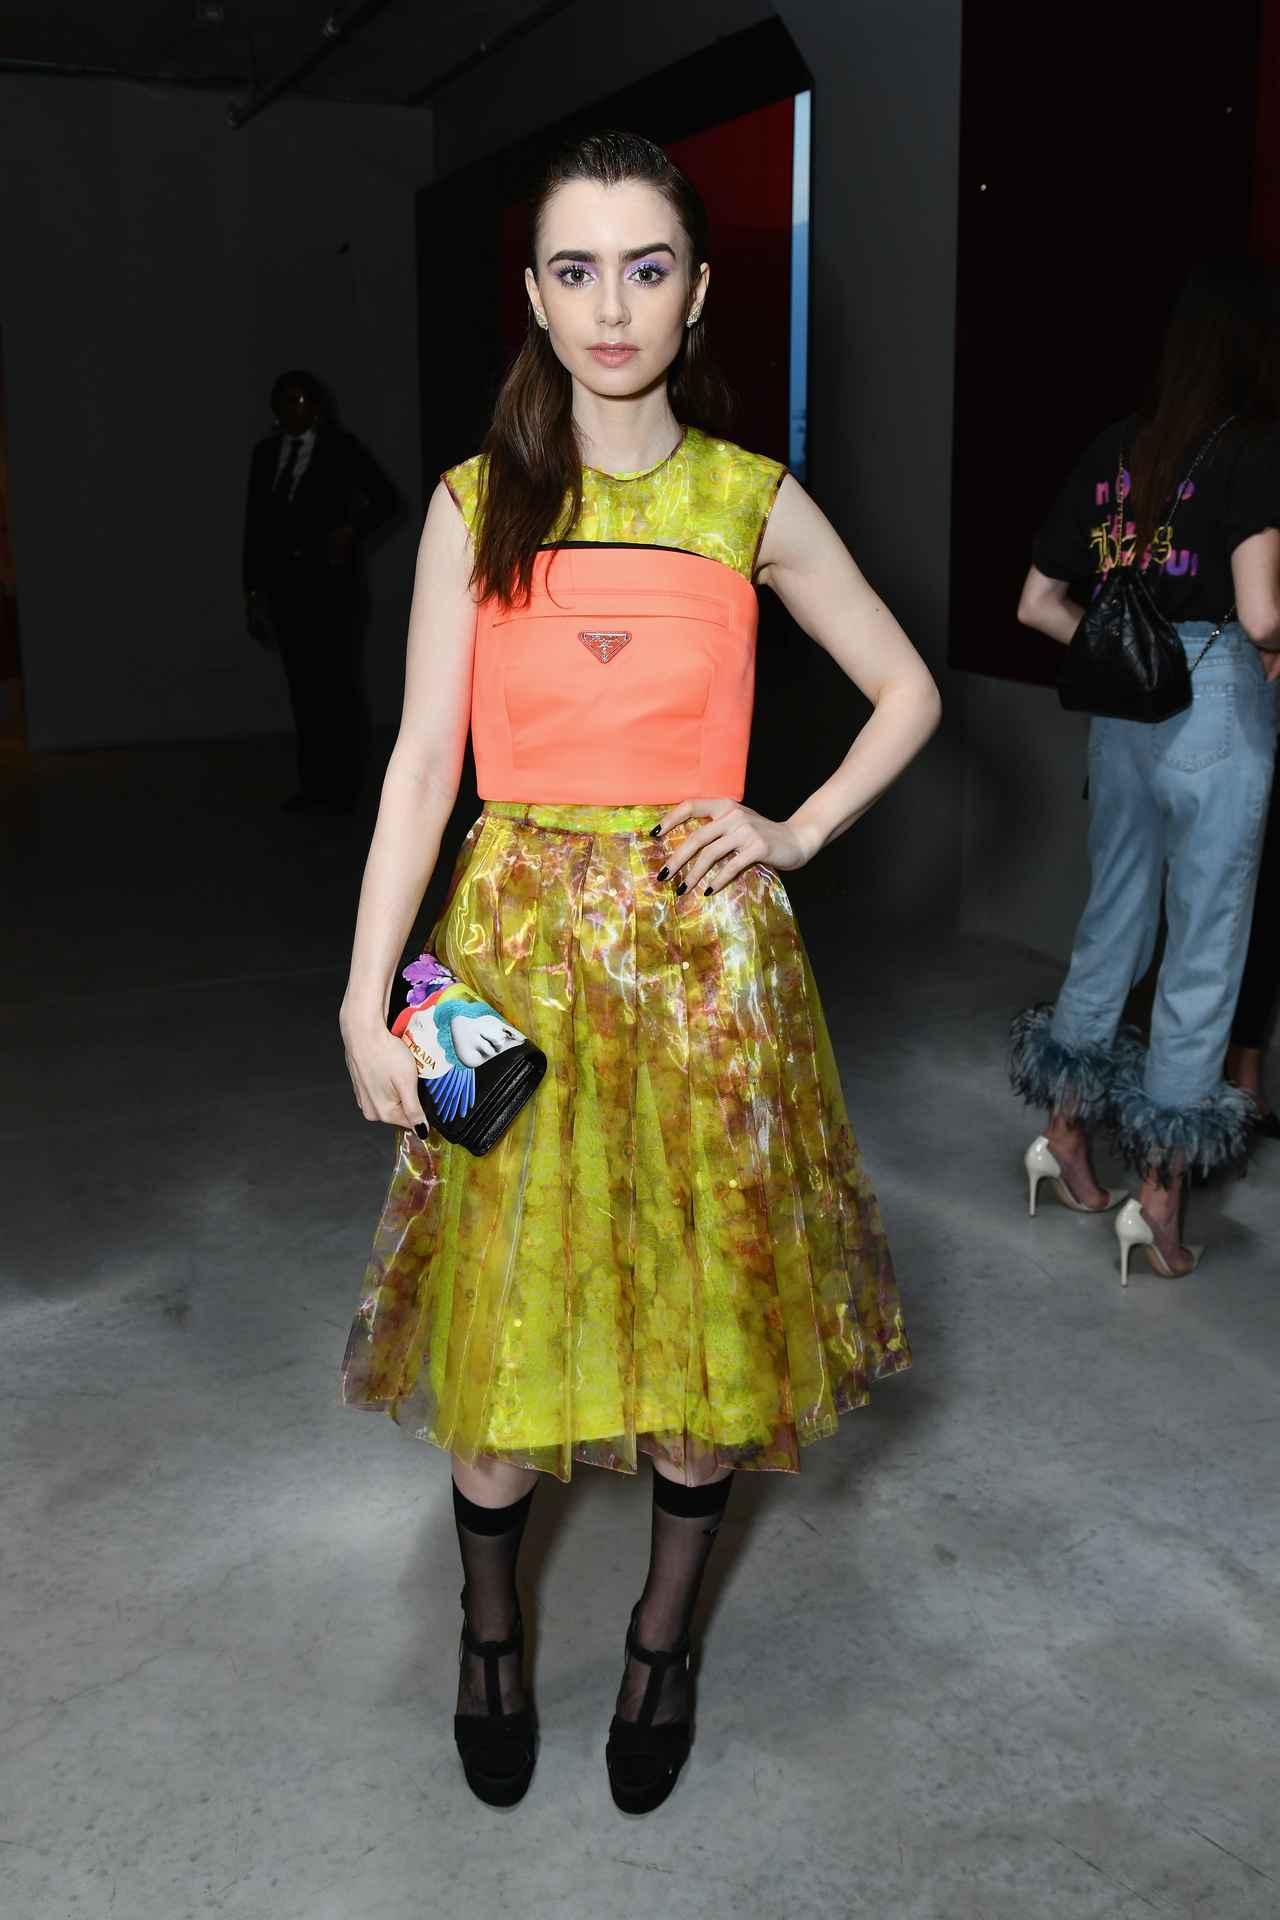 画像: ファッションのランウェイモデルの体型について